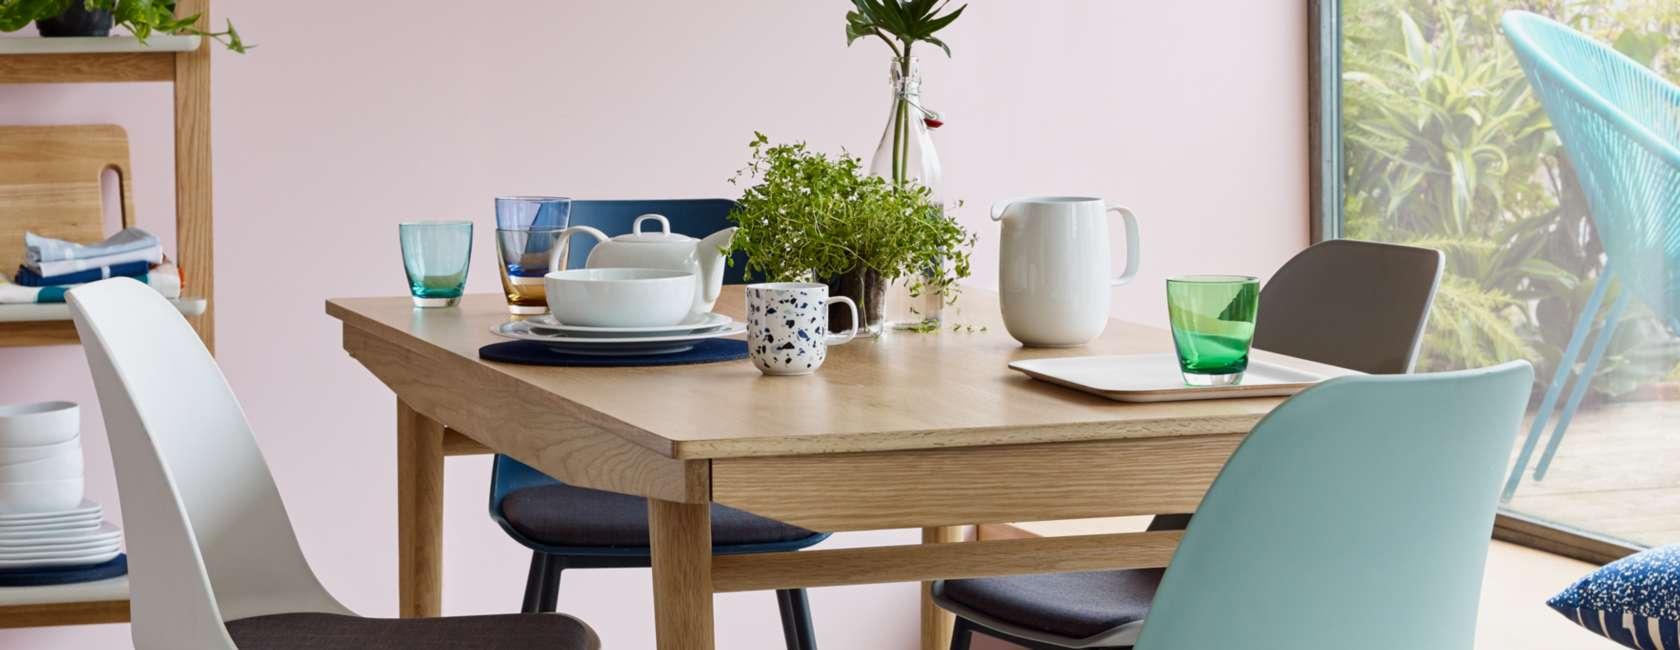 John Lewis & Partners Bow Living & Dining Furniture Range at John ...